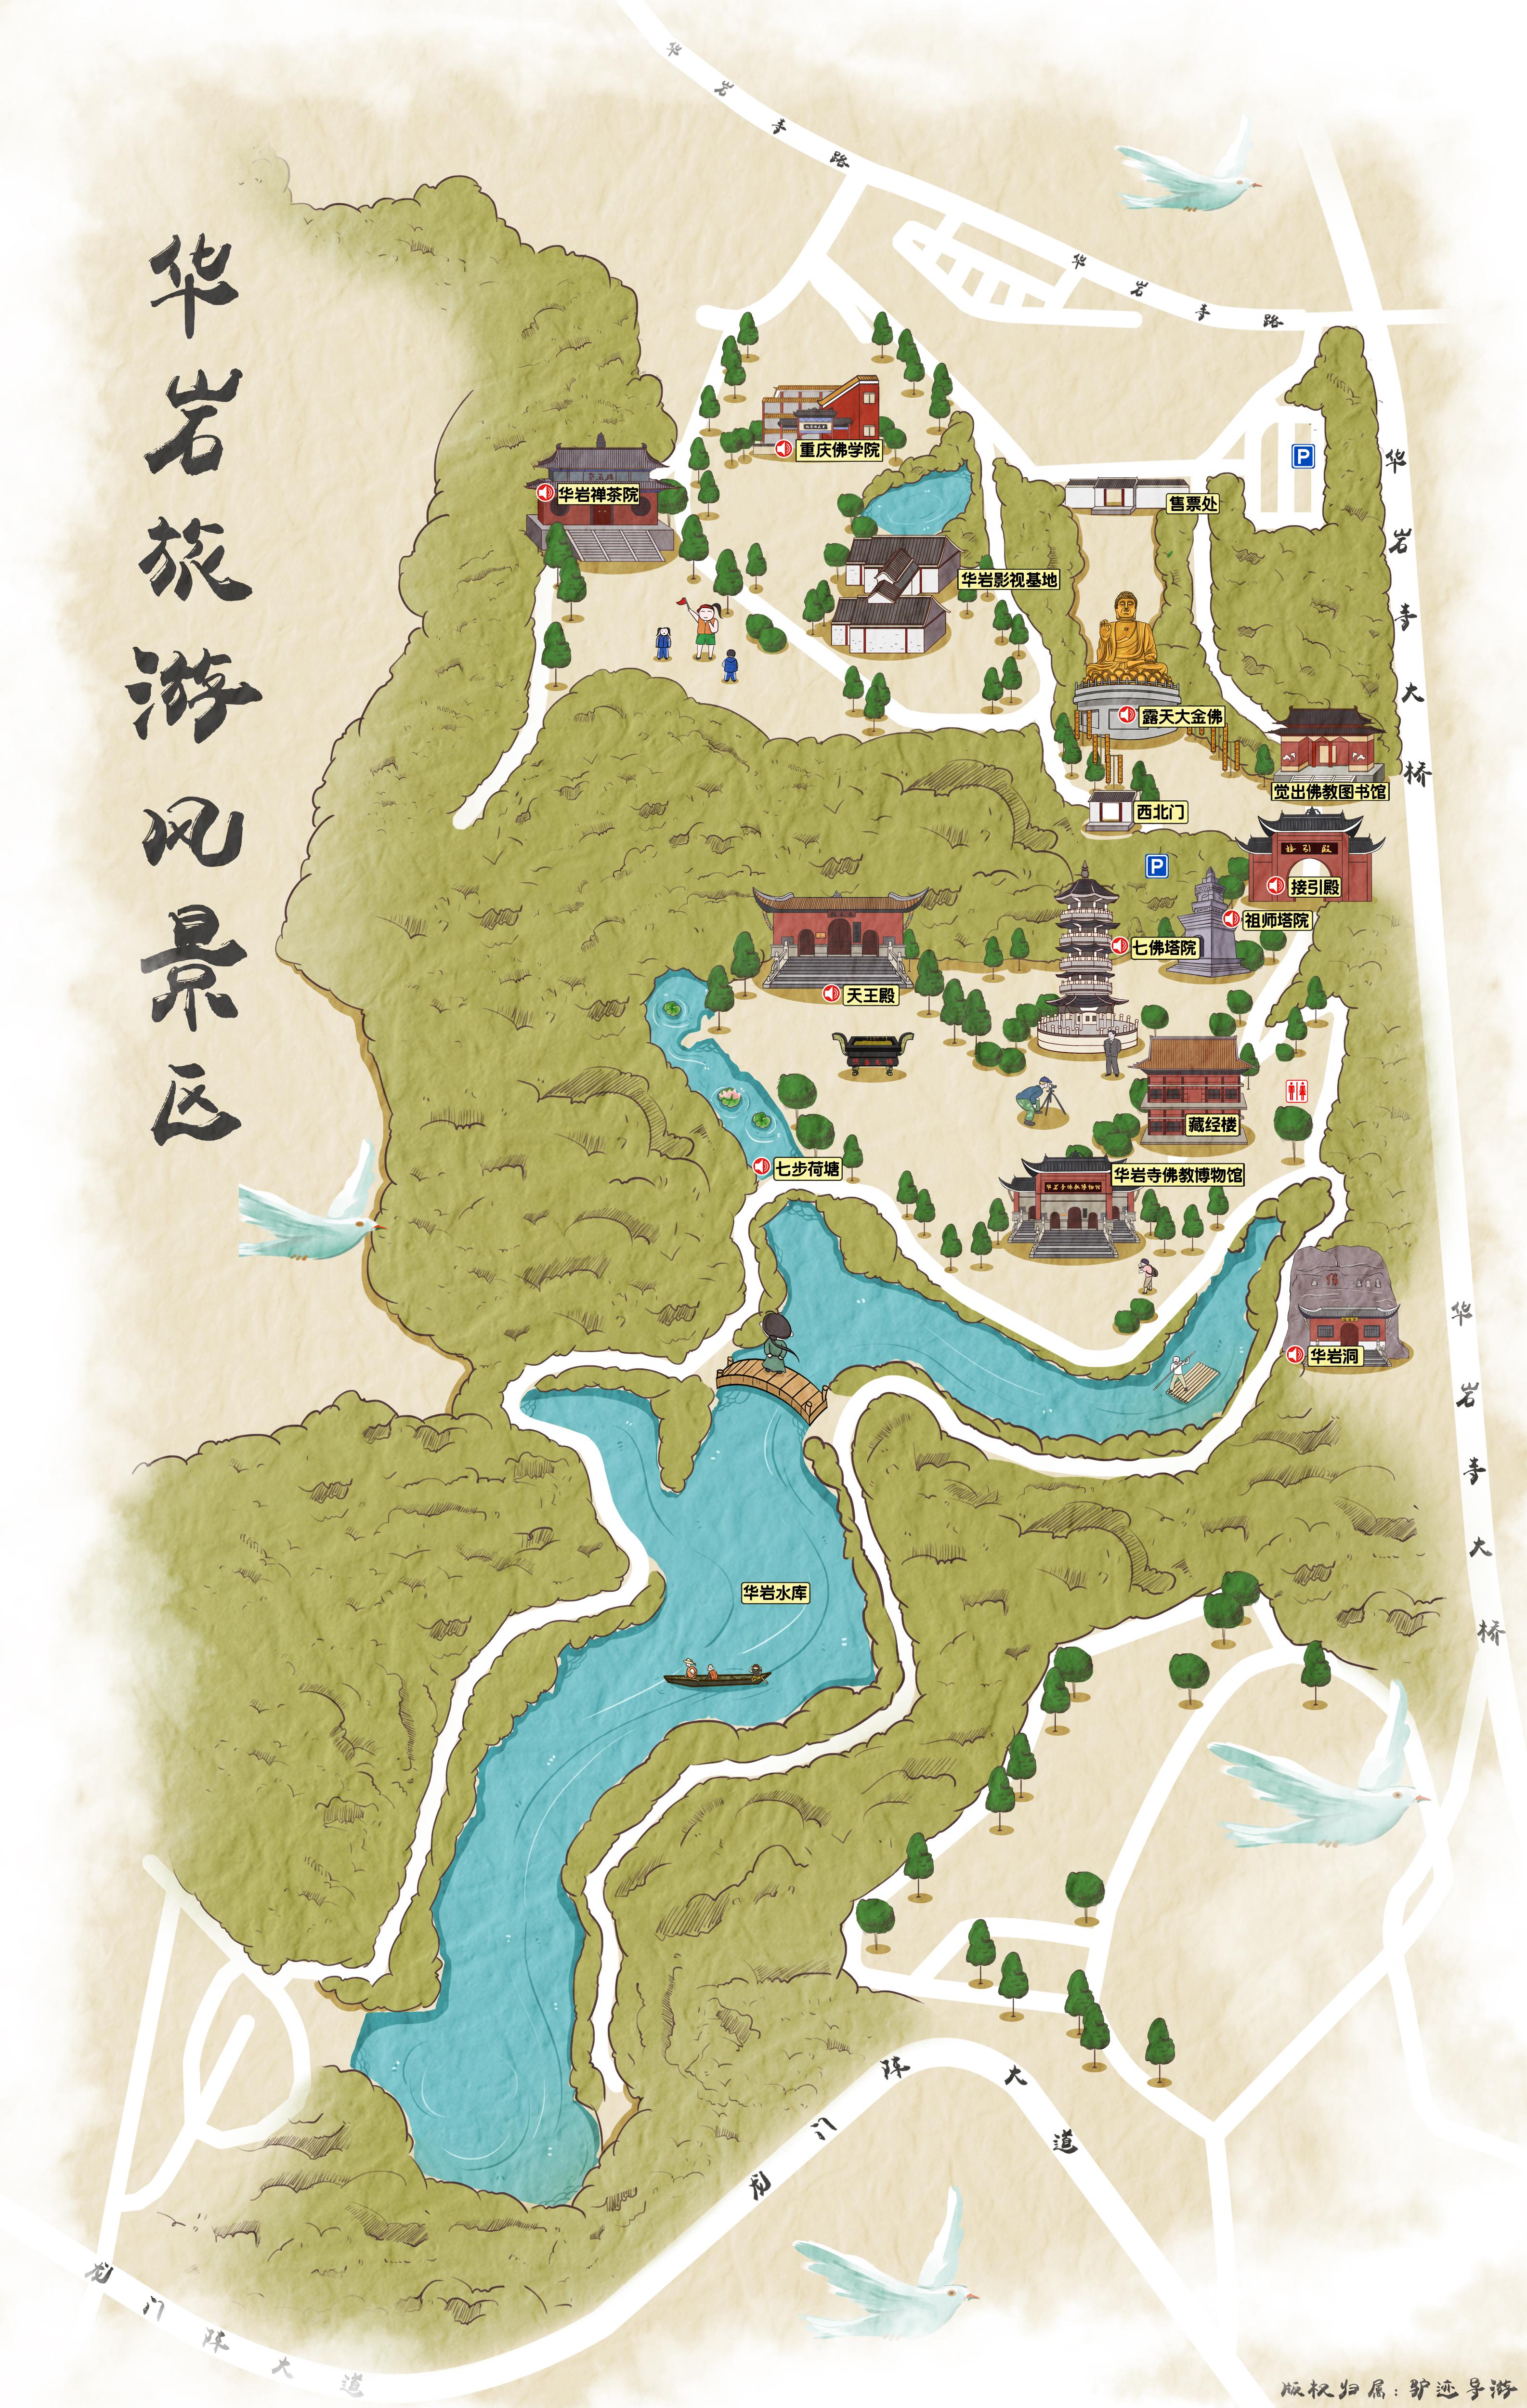 手绘地图·各种